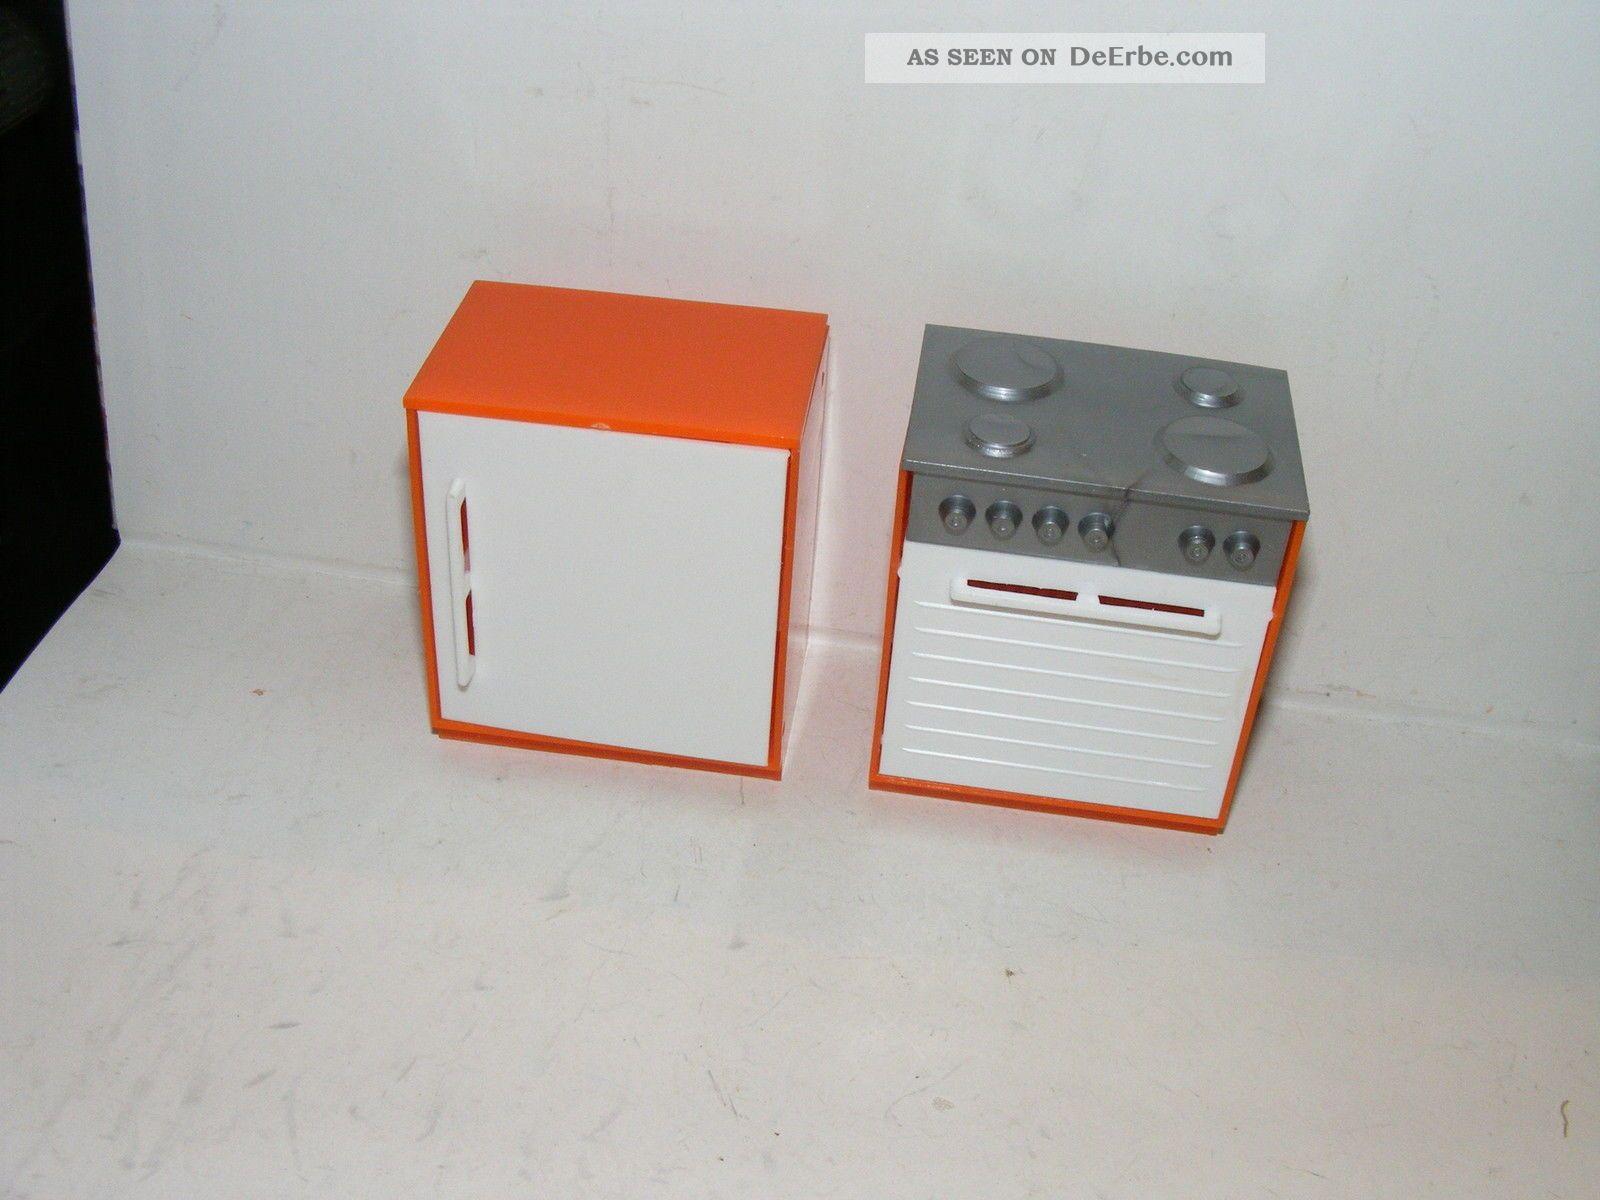 Kühlschrank Puppenhaus : Alte herd kühlschrank er j küche kaufladen puppenhaus